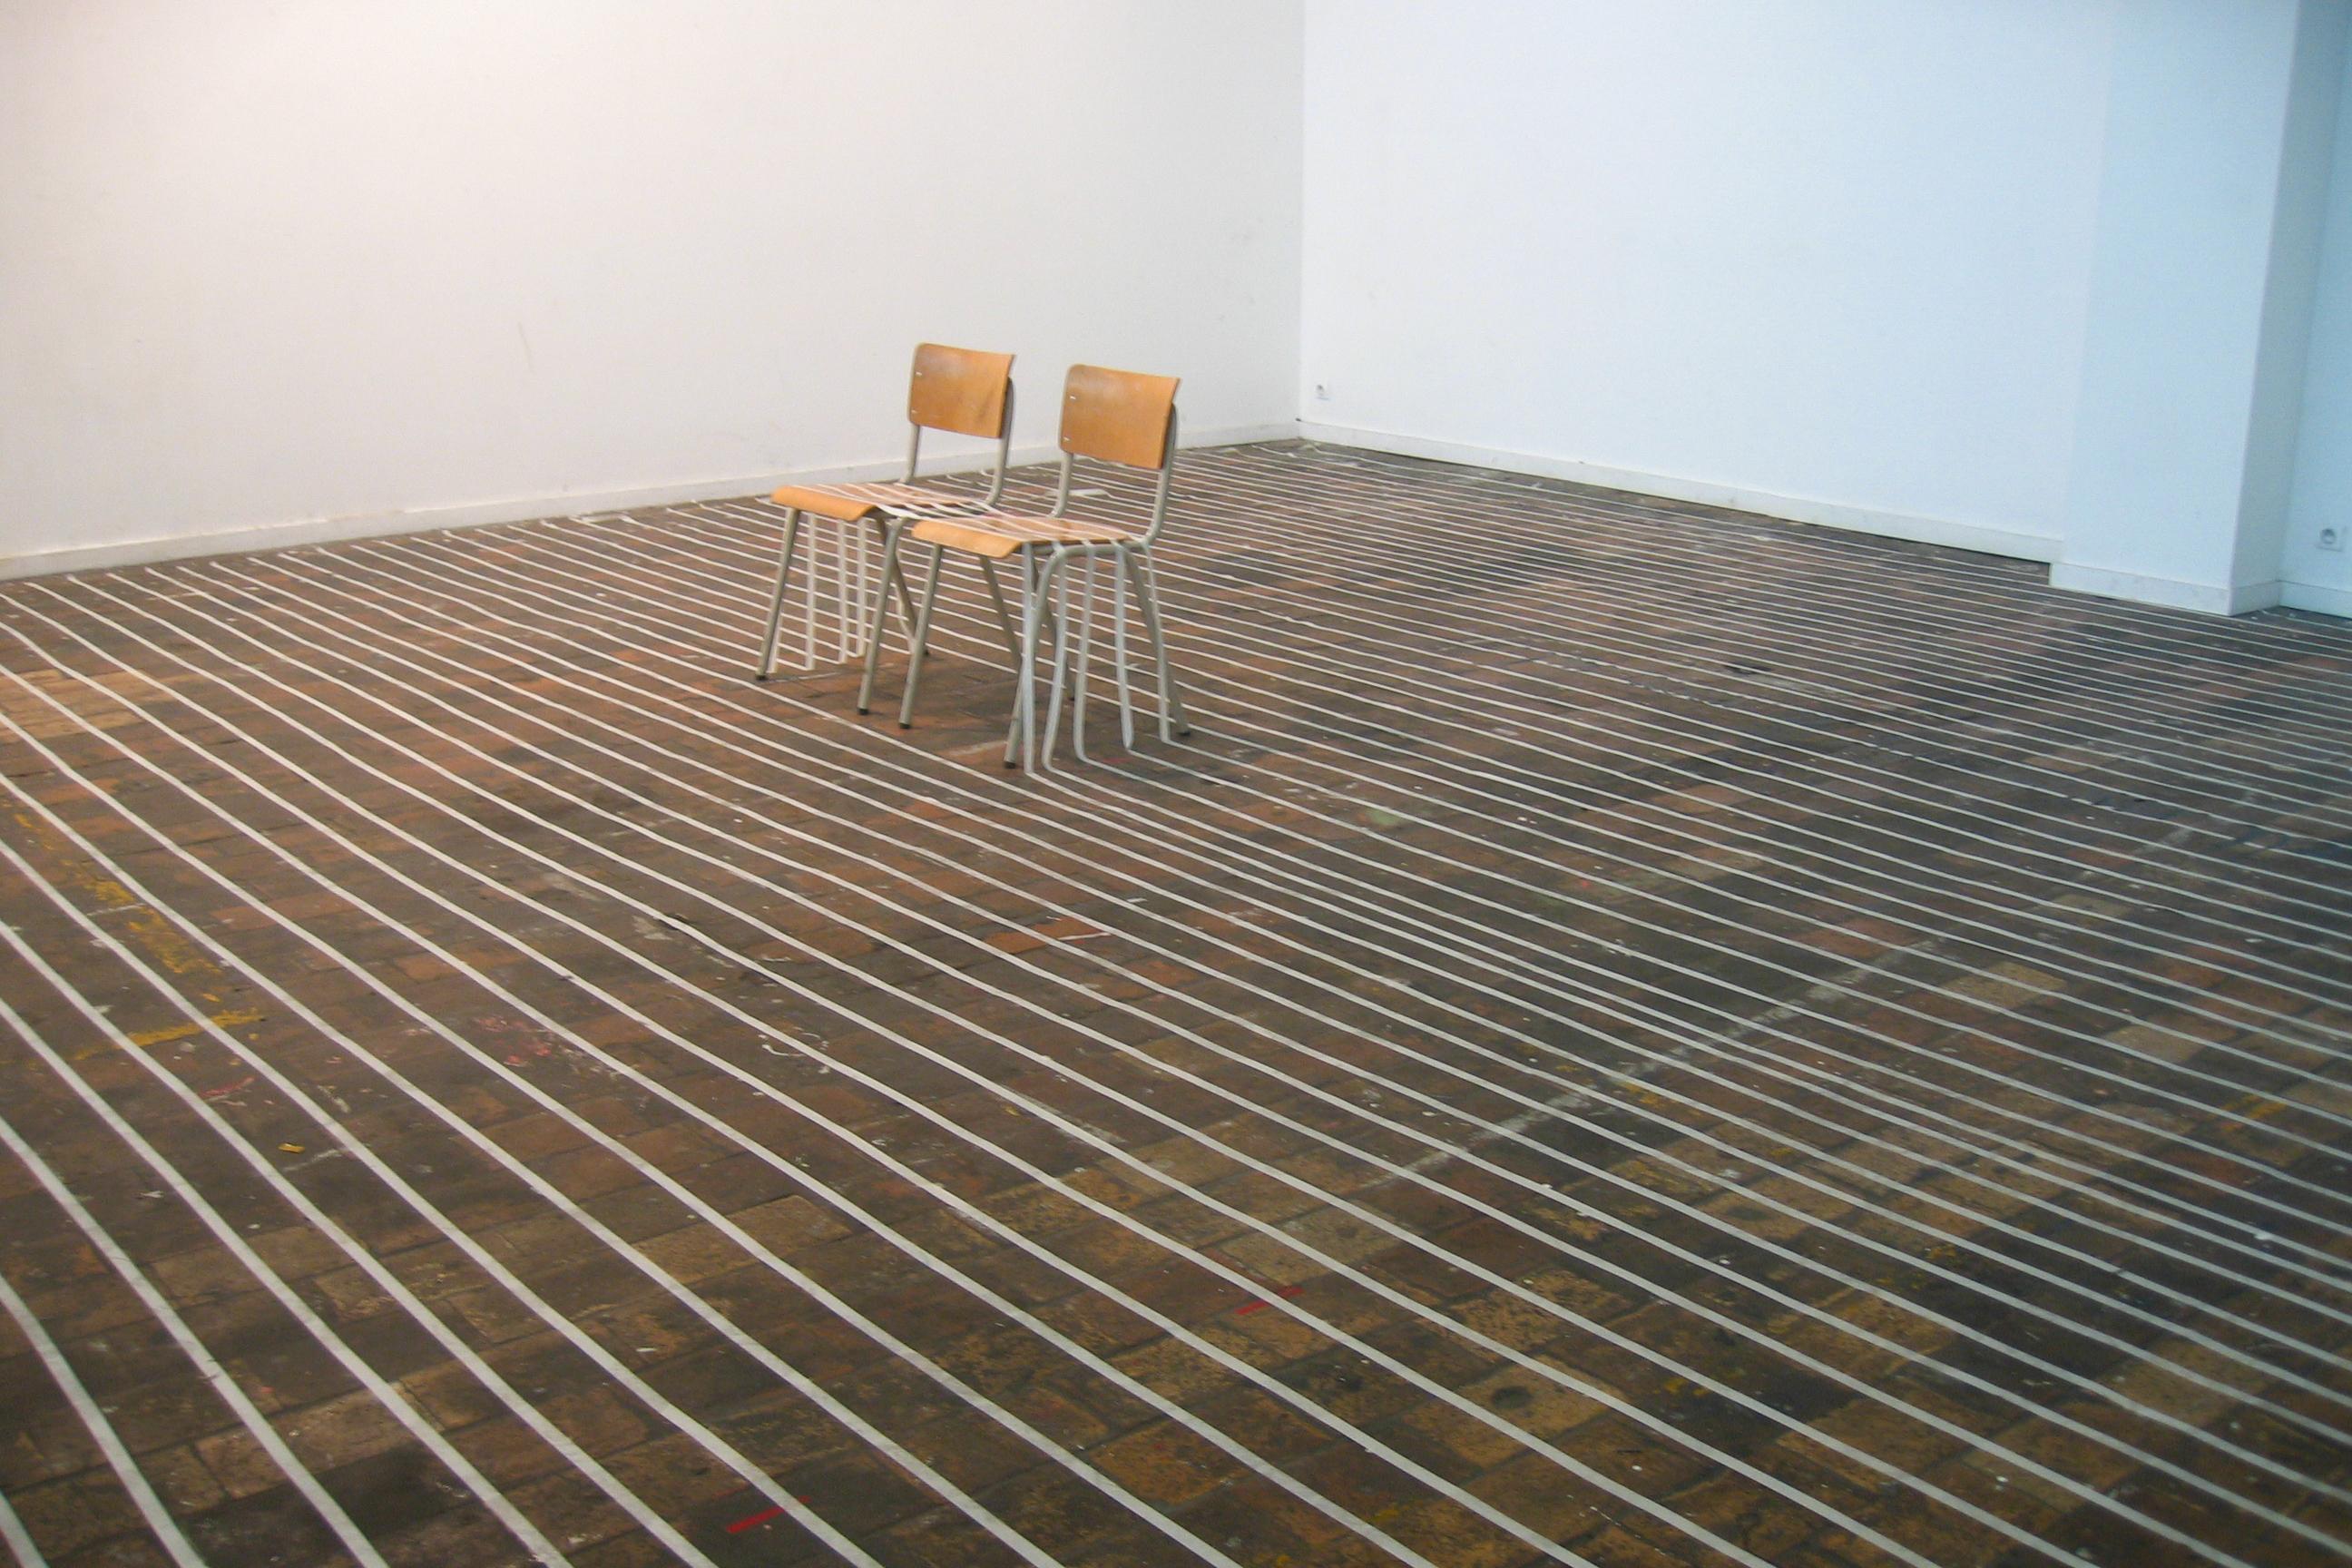 sonia-niwemahoro-installation-sur-la-pointe-des-pieds-01